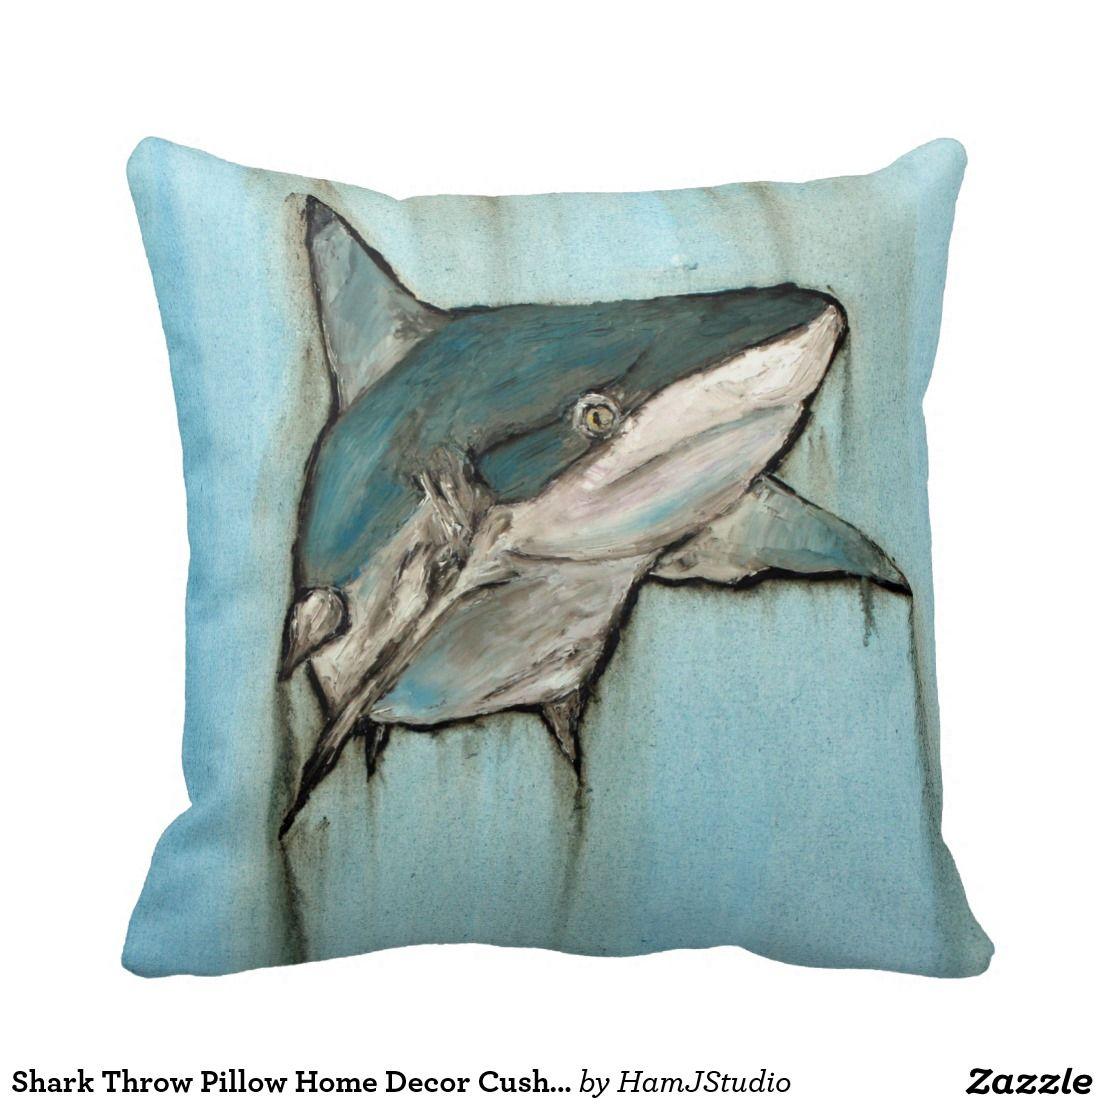 bd825a2af52b Shark Throw Pillow Home Decor Cushion Room Themes